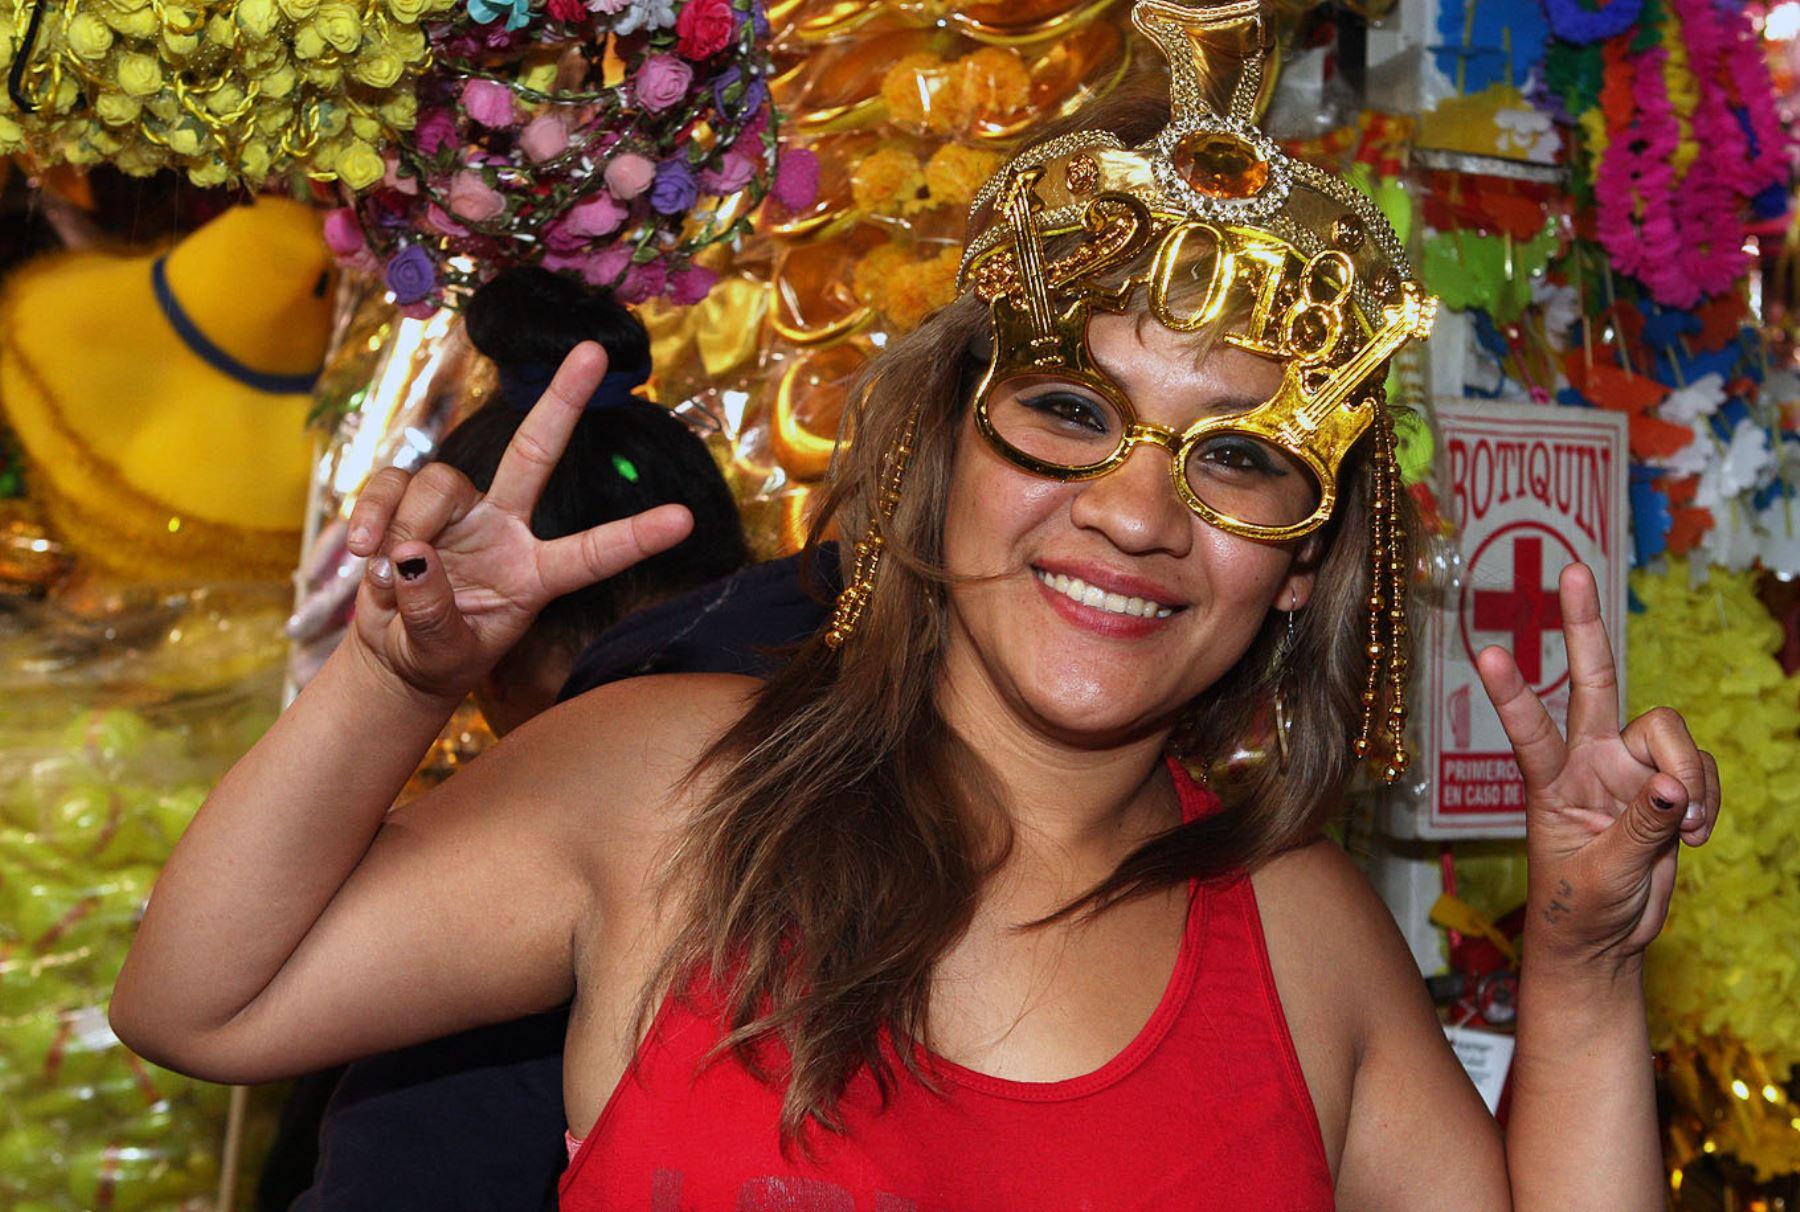 Mesa Redonda ofrece el cotillón necesario para celebrar llegada del nuevo año. Foto: ANDINA/Héctor Vinces